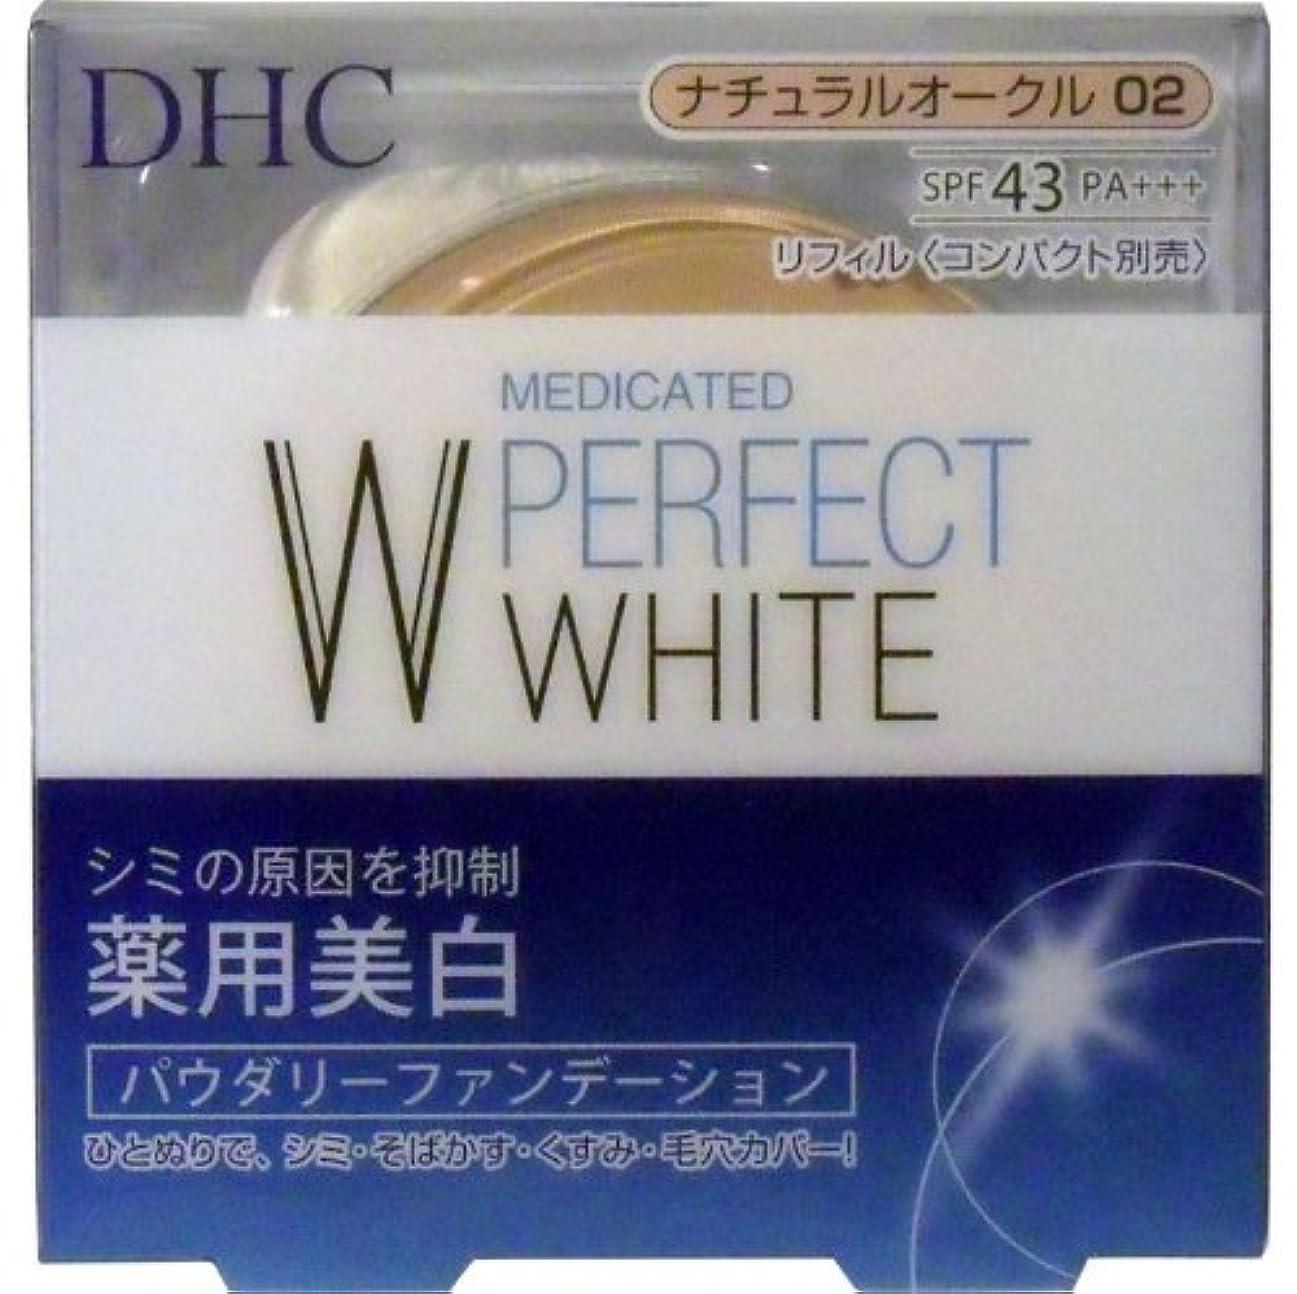 任命晴れアコーつけたての美しい透明感がずっと持続!DHC 薬用美白パーフェクトホワイト パウダリーファンデーション ナチュラルオークル02 10g